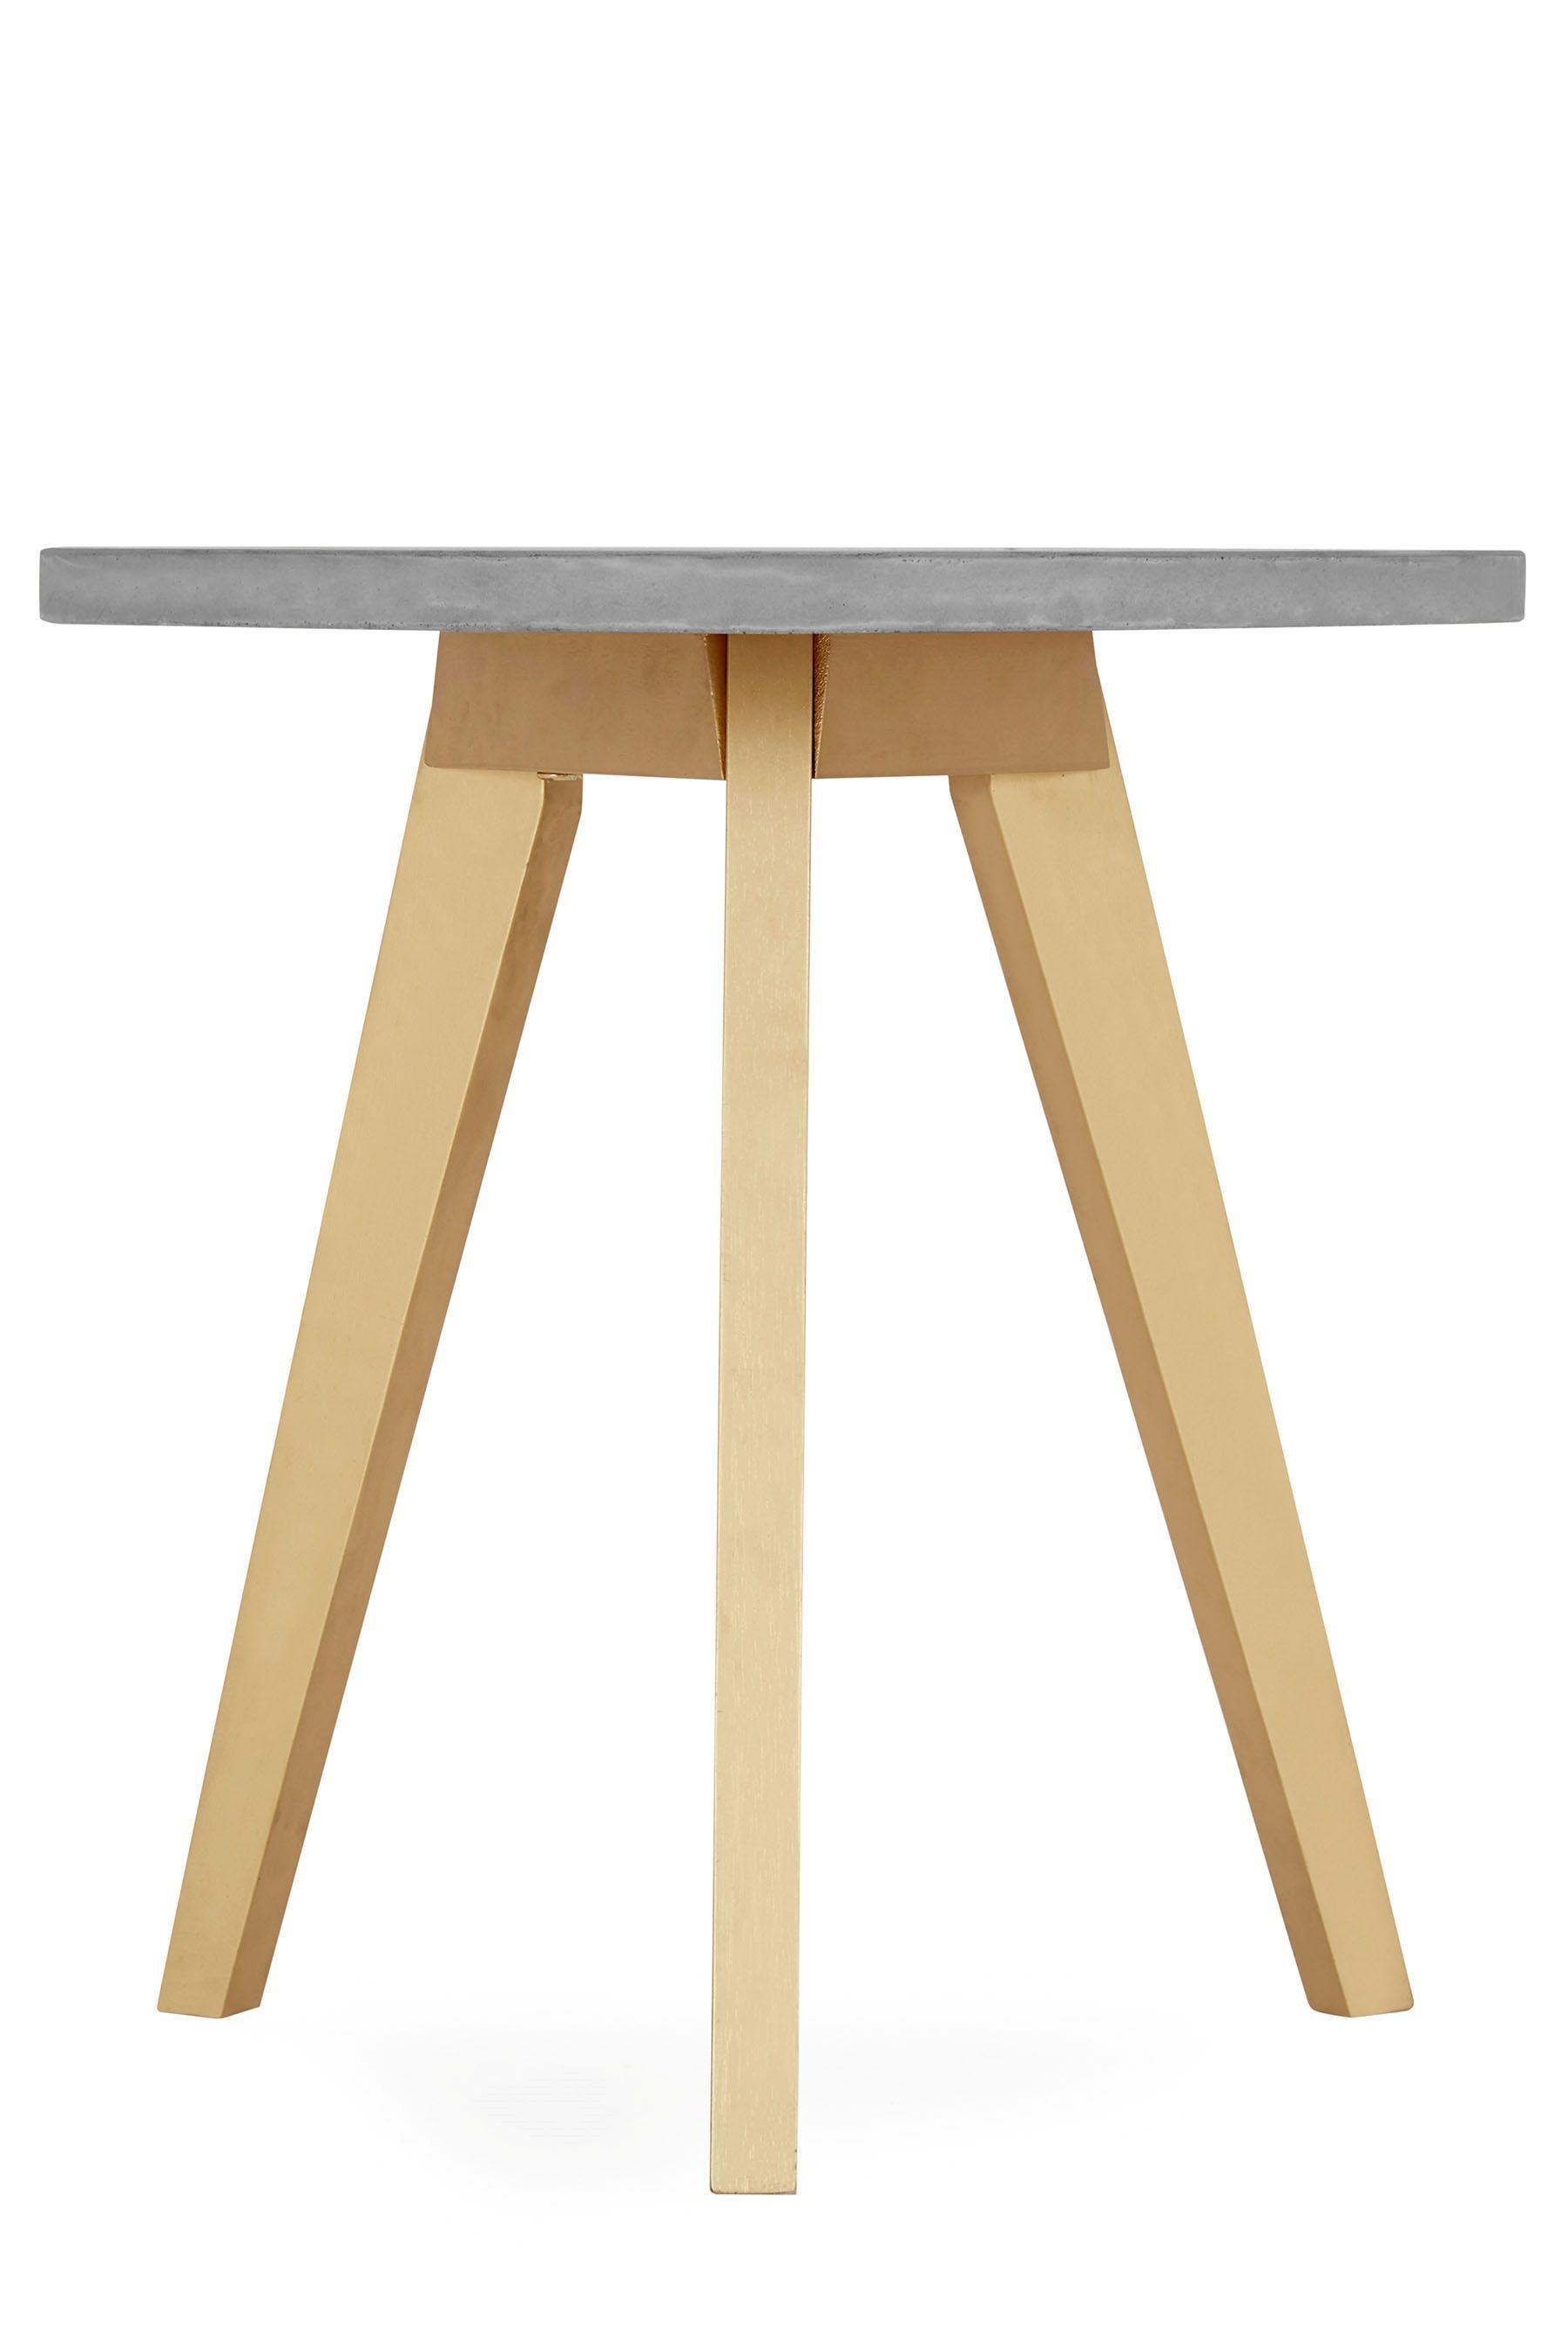 ae7a4ad723ce308dbad915988cfc9a7e Frais De La Redoute Table Haute Concept